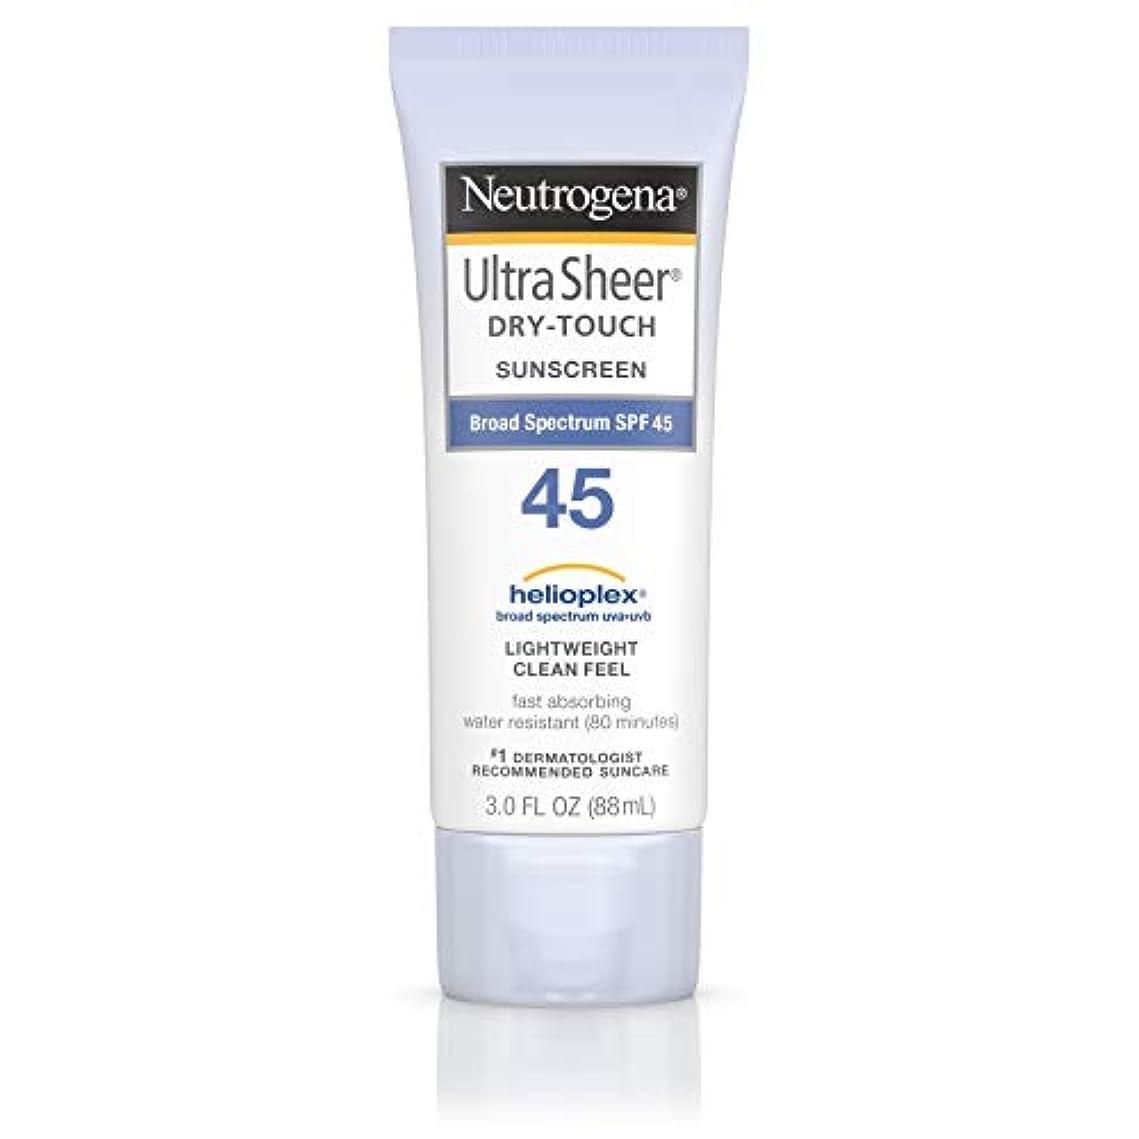 高度な主婦割り込み海外直送品 Neutrogena Neutrogena Ultra Sheer Dry-Touch Sunblock Spf 45【並行輸入品】